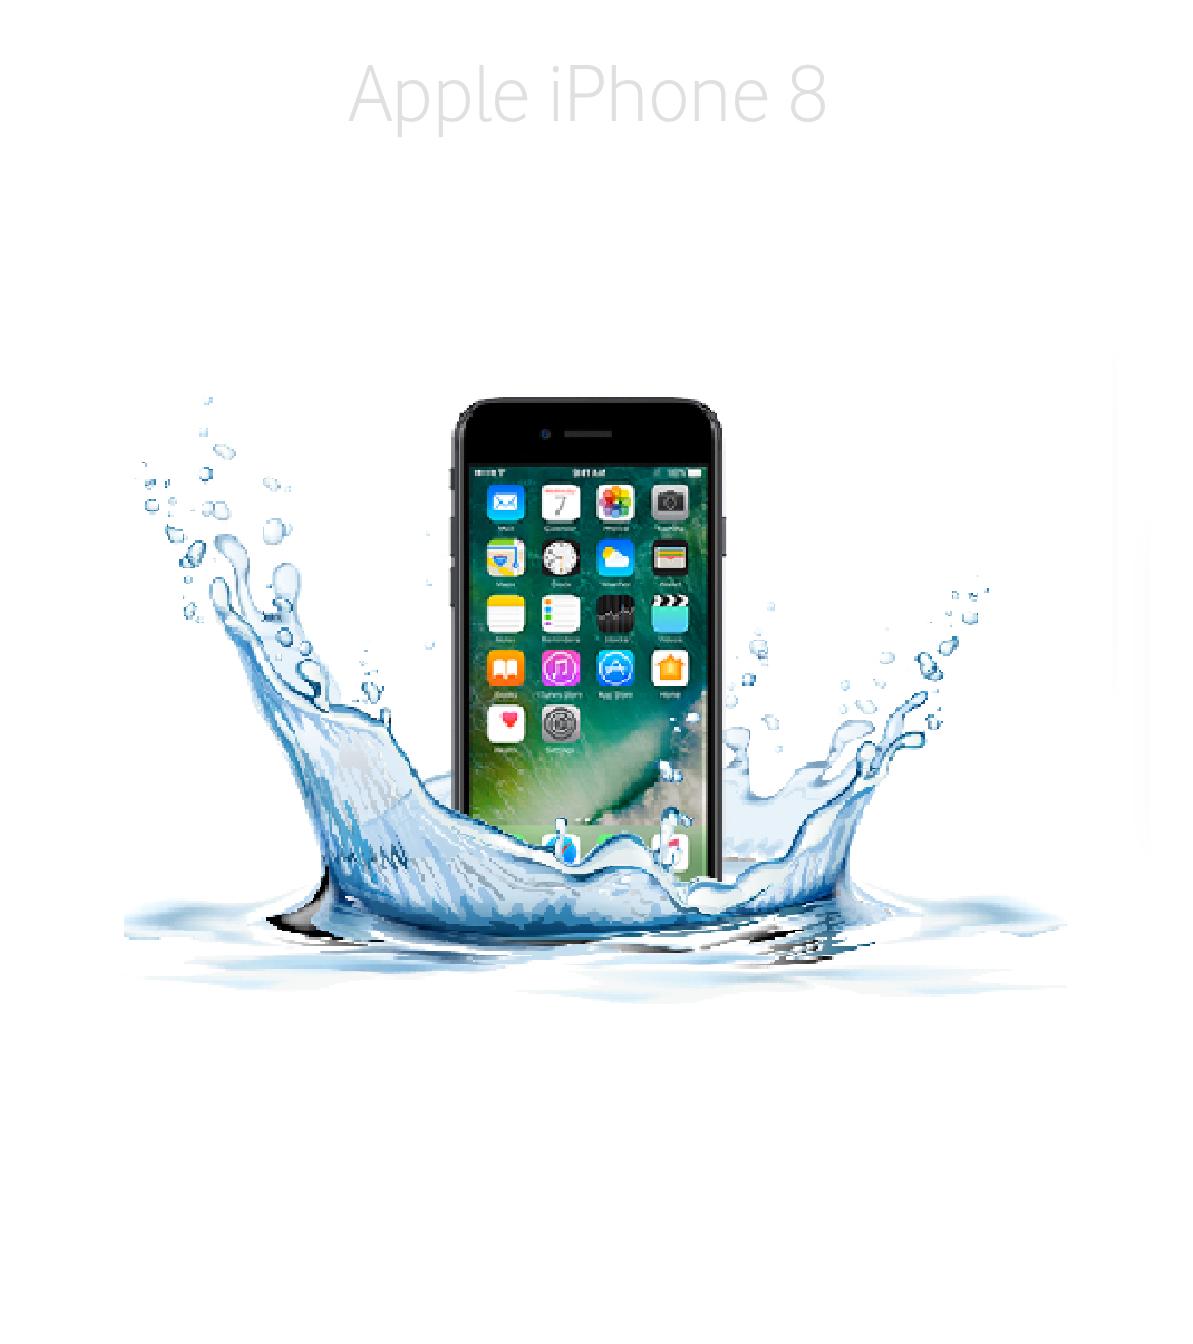 Laga fukt/vattenskadad iPhone8